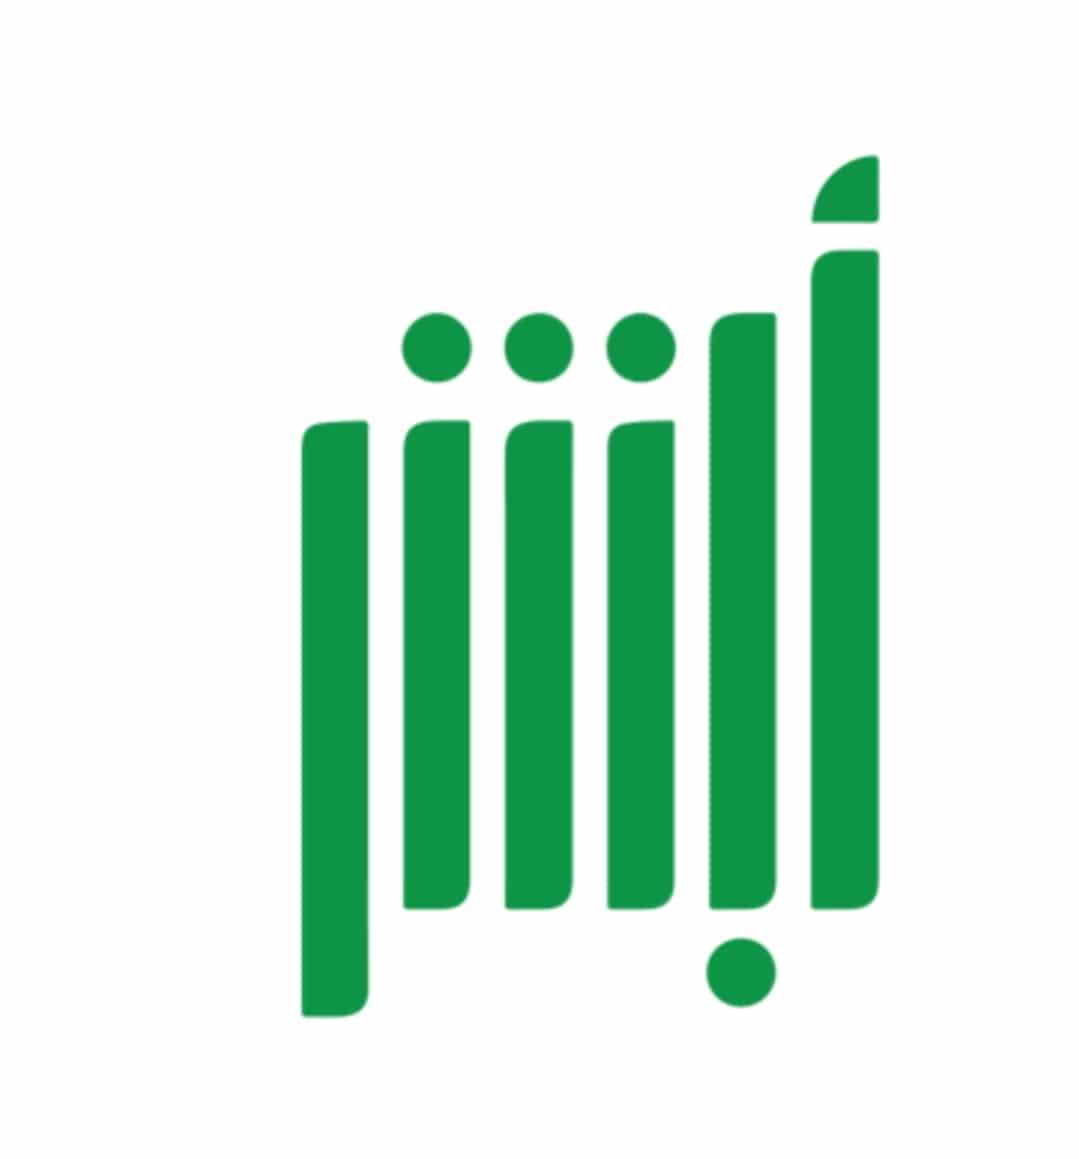 رابط الاستعلام عن موعد المرور عبر منصة ابشر 4 8/1/2021 - 8:37 ص